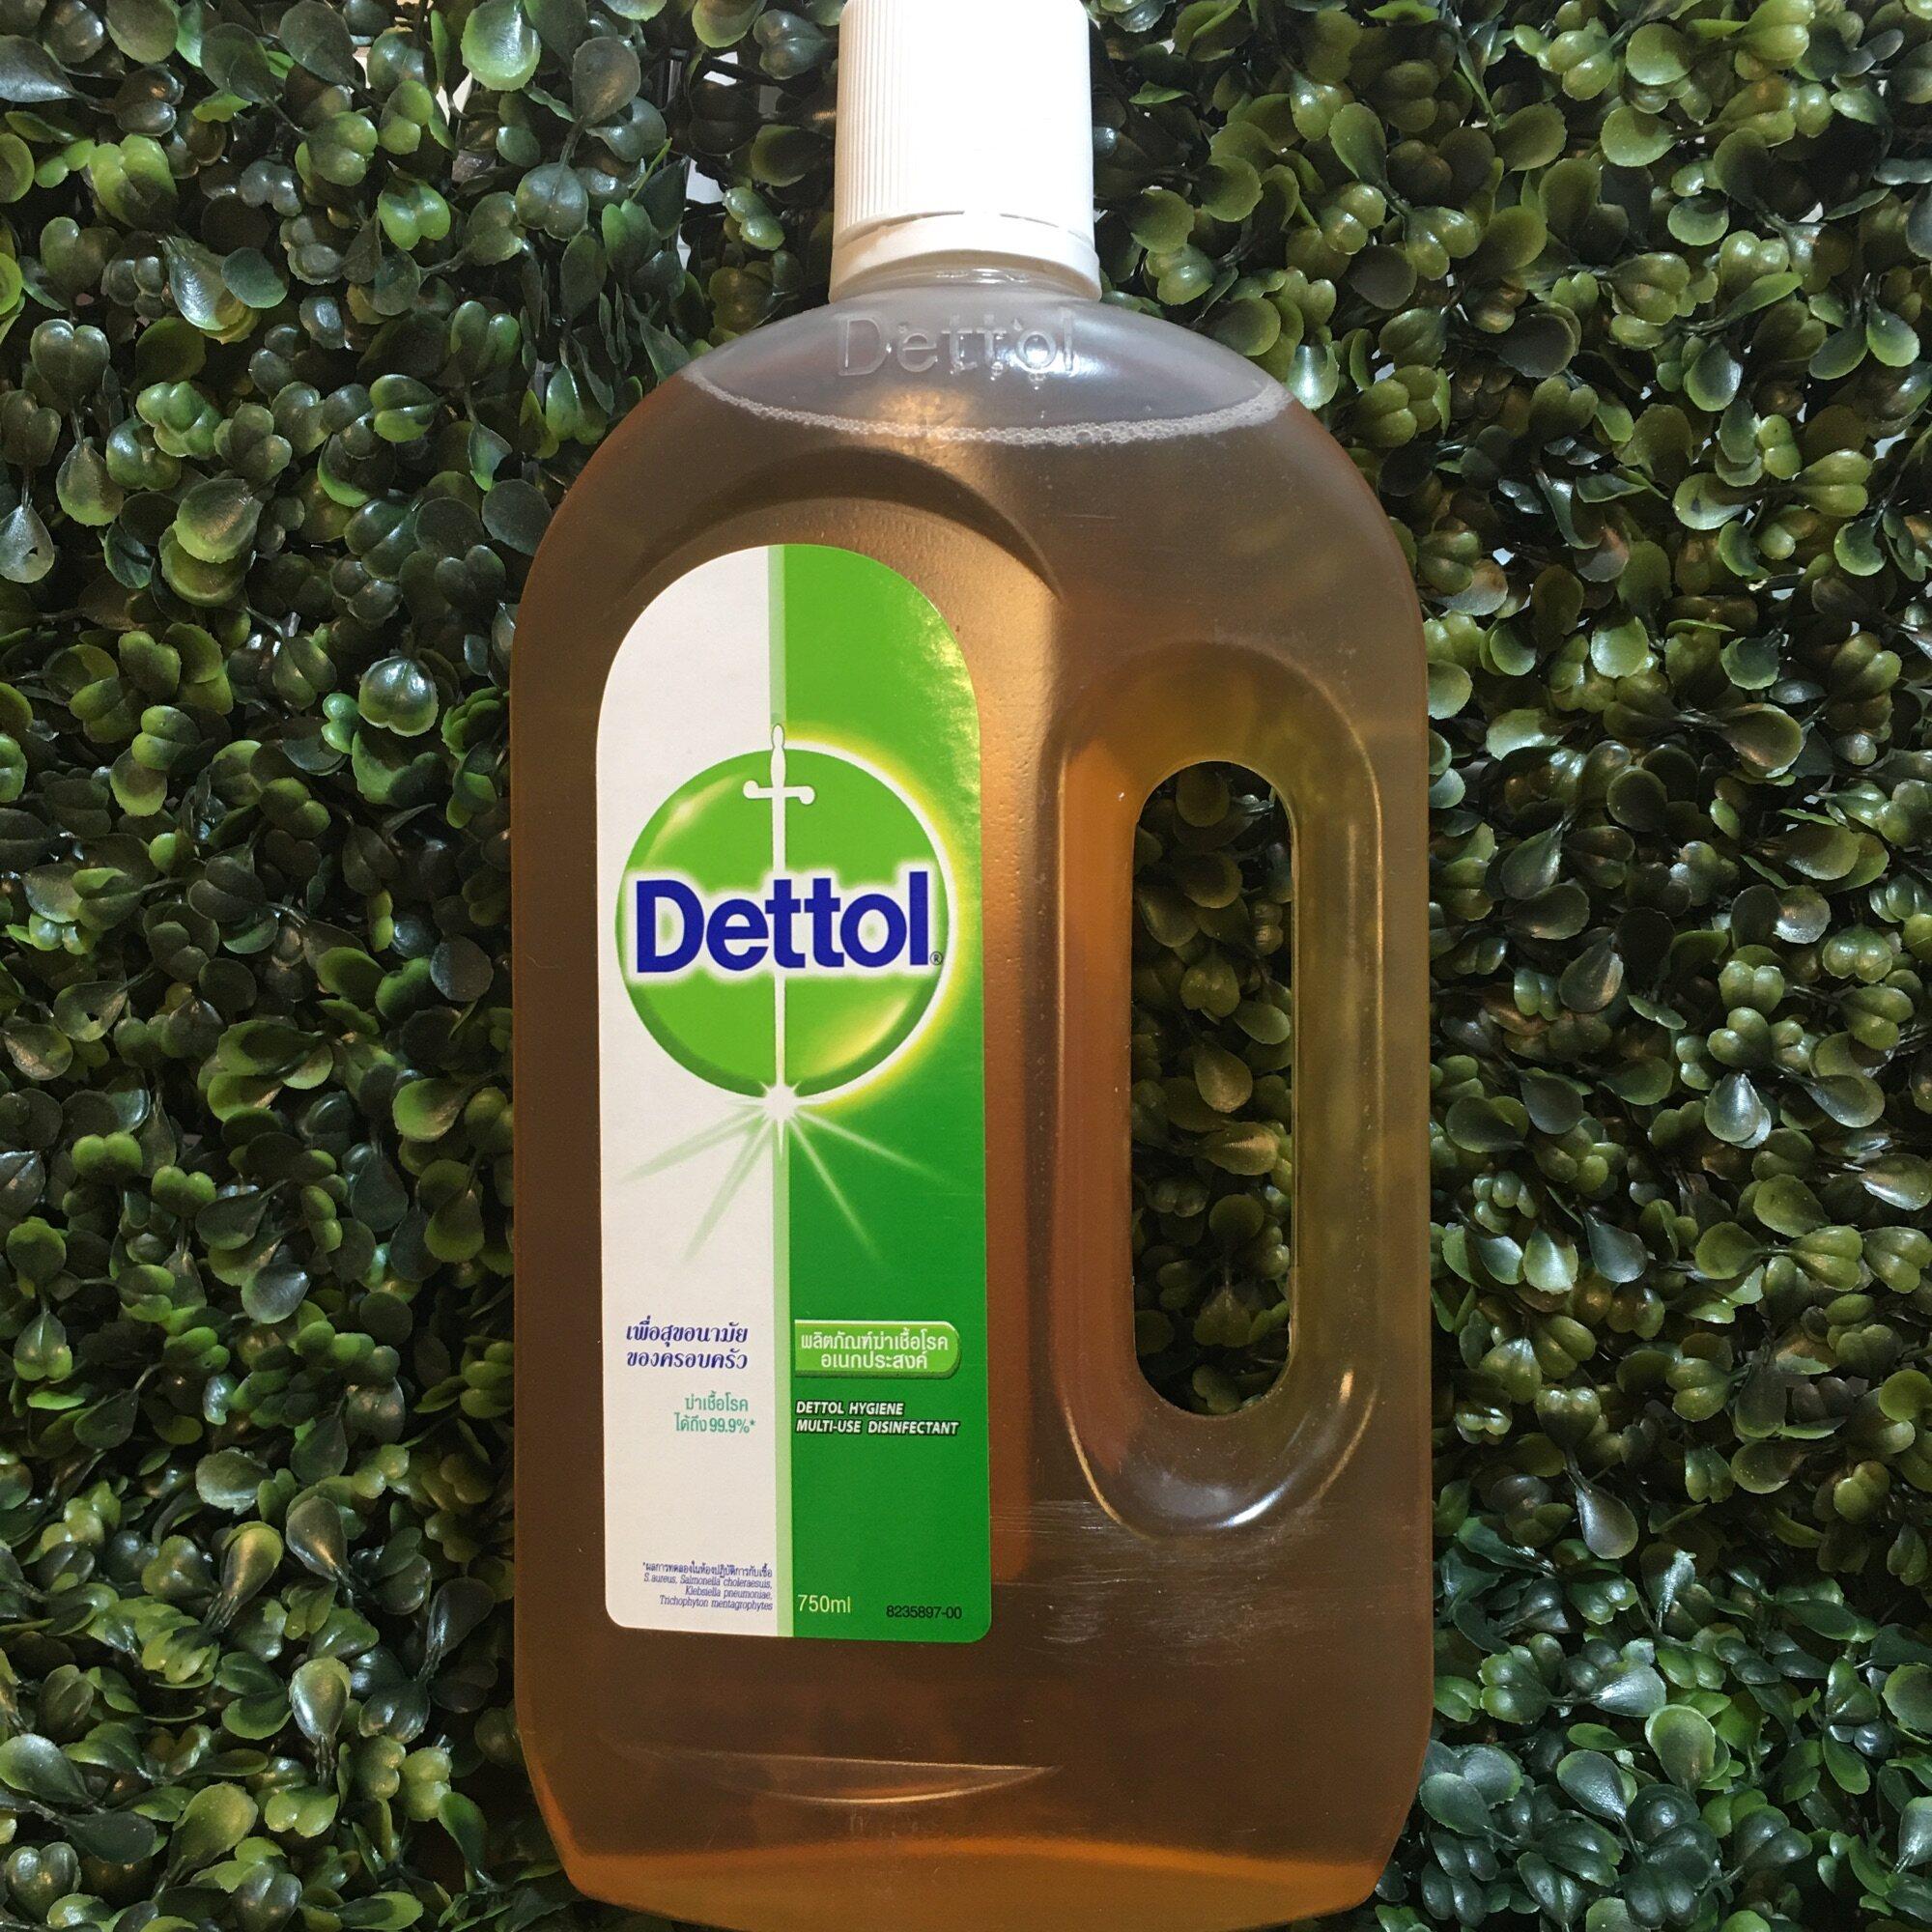 ผลิตภัณฑ์ฆ่าเชื้ออเนกประสงค์ Dettol ฆ่าเชื้อโรคได้ถึง 99.9% ขนาด 750 ml